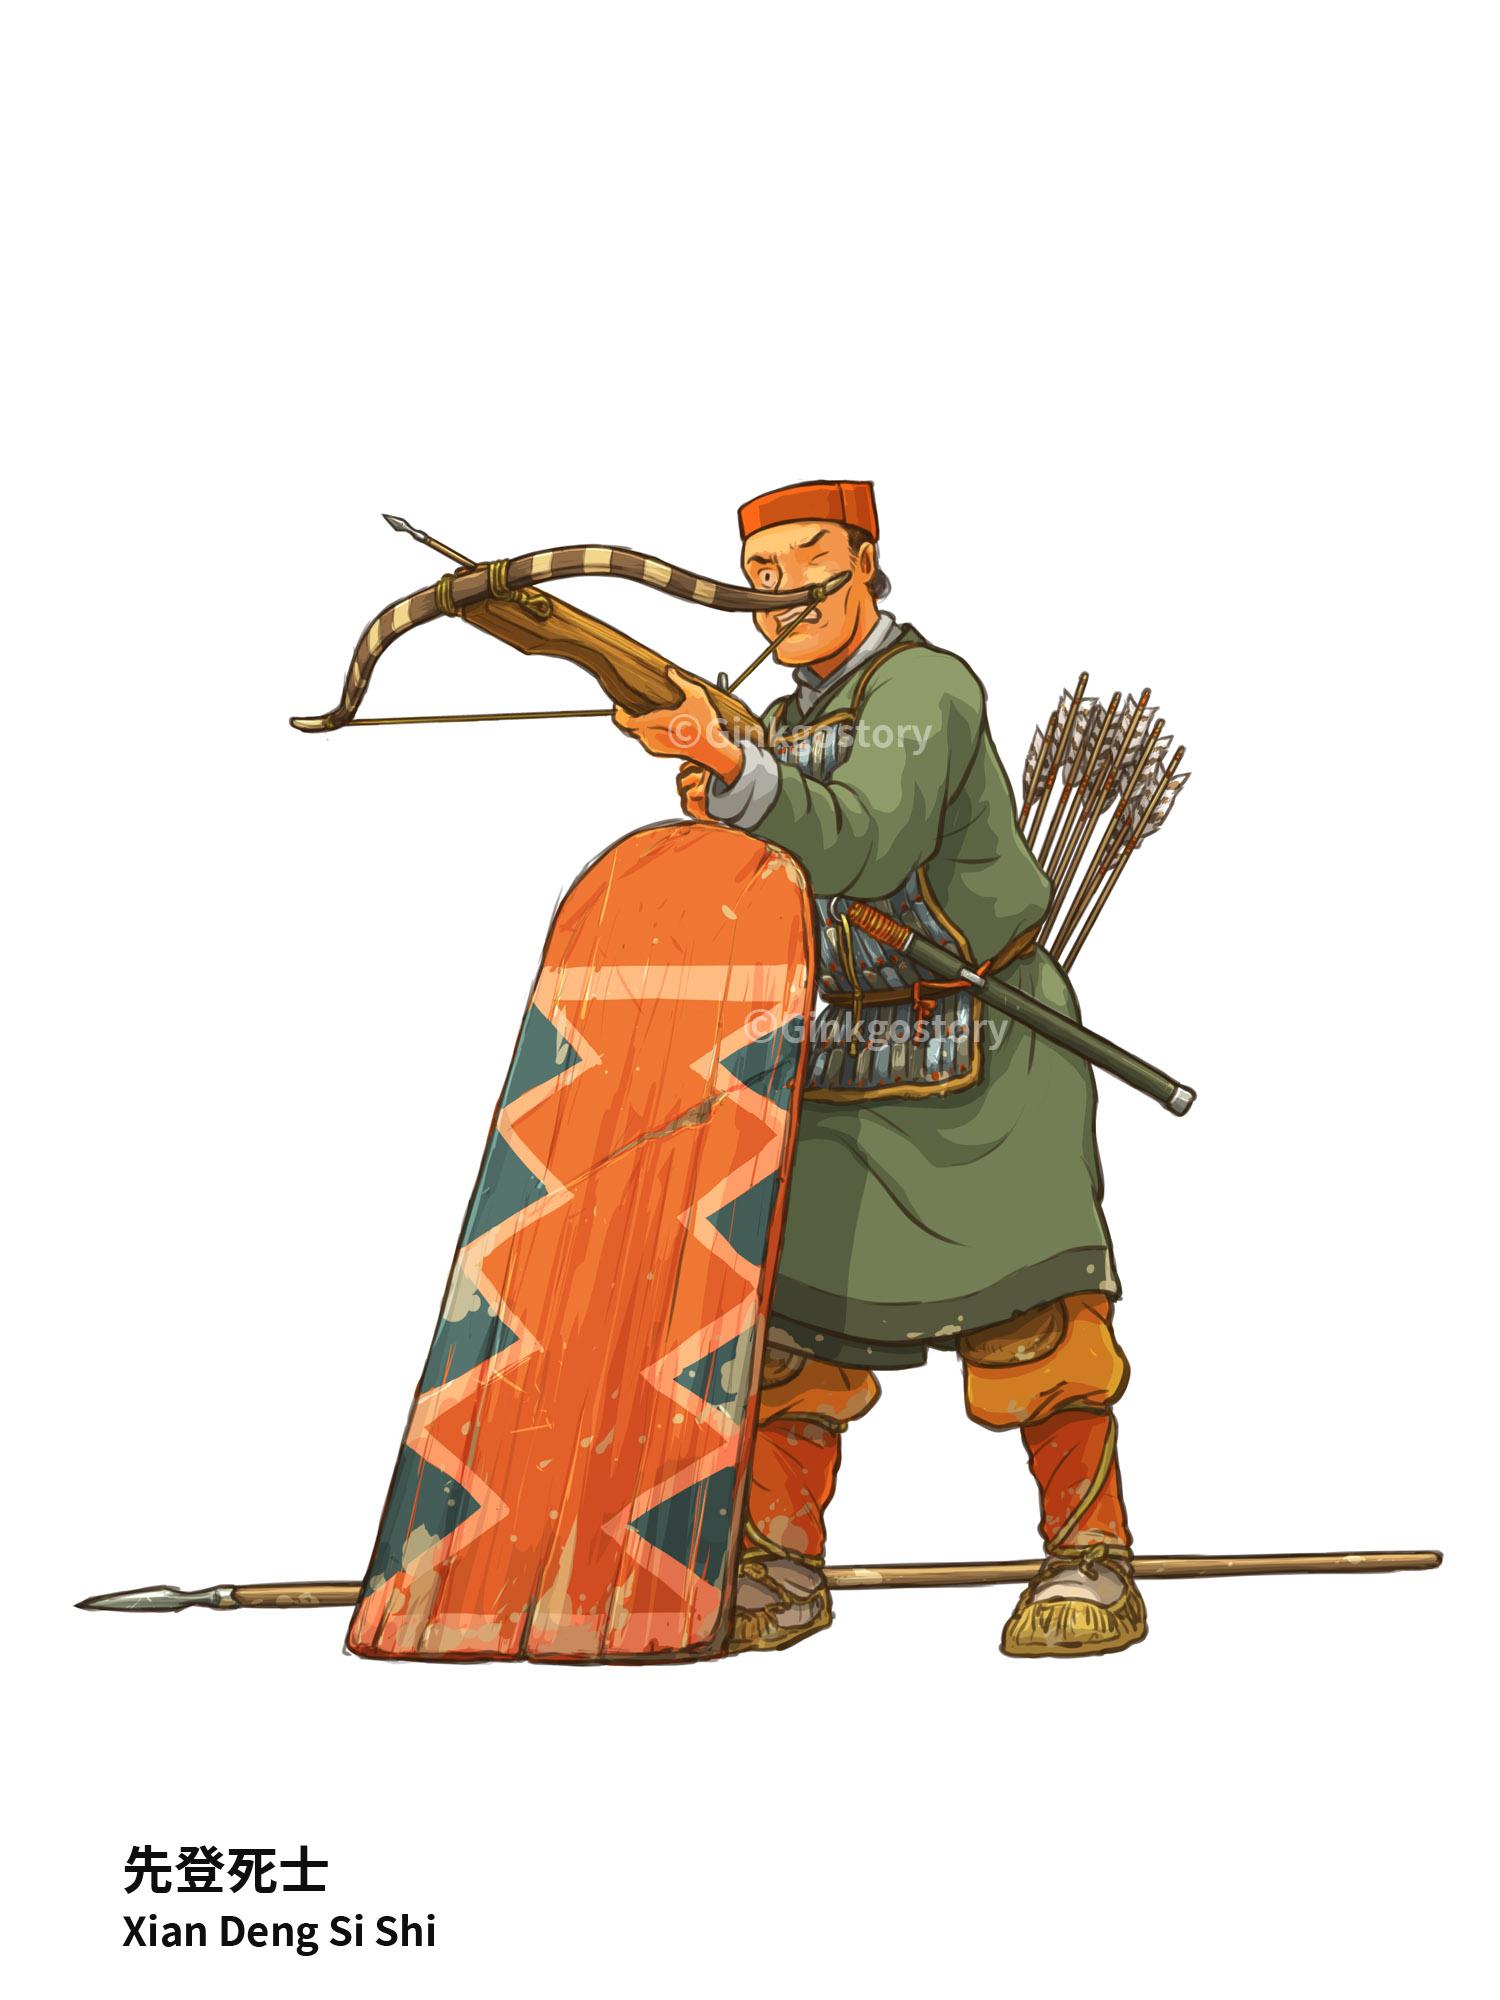 Three Kingdoms: Xian Deng Si Shi